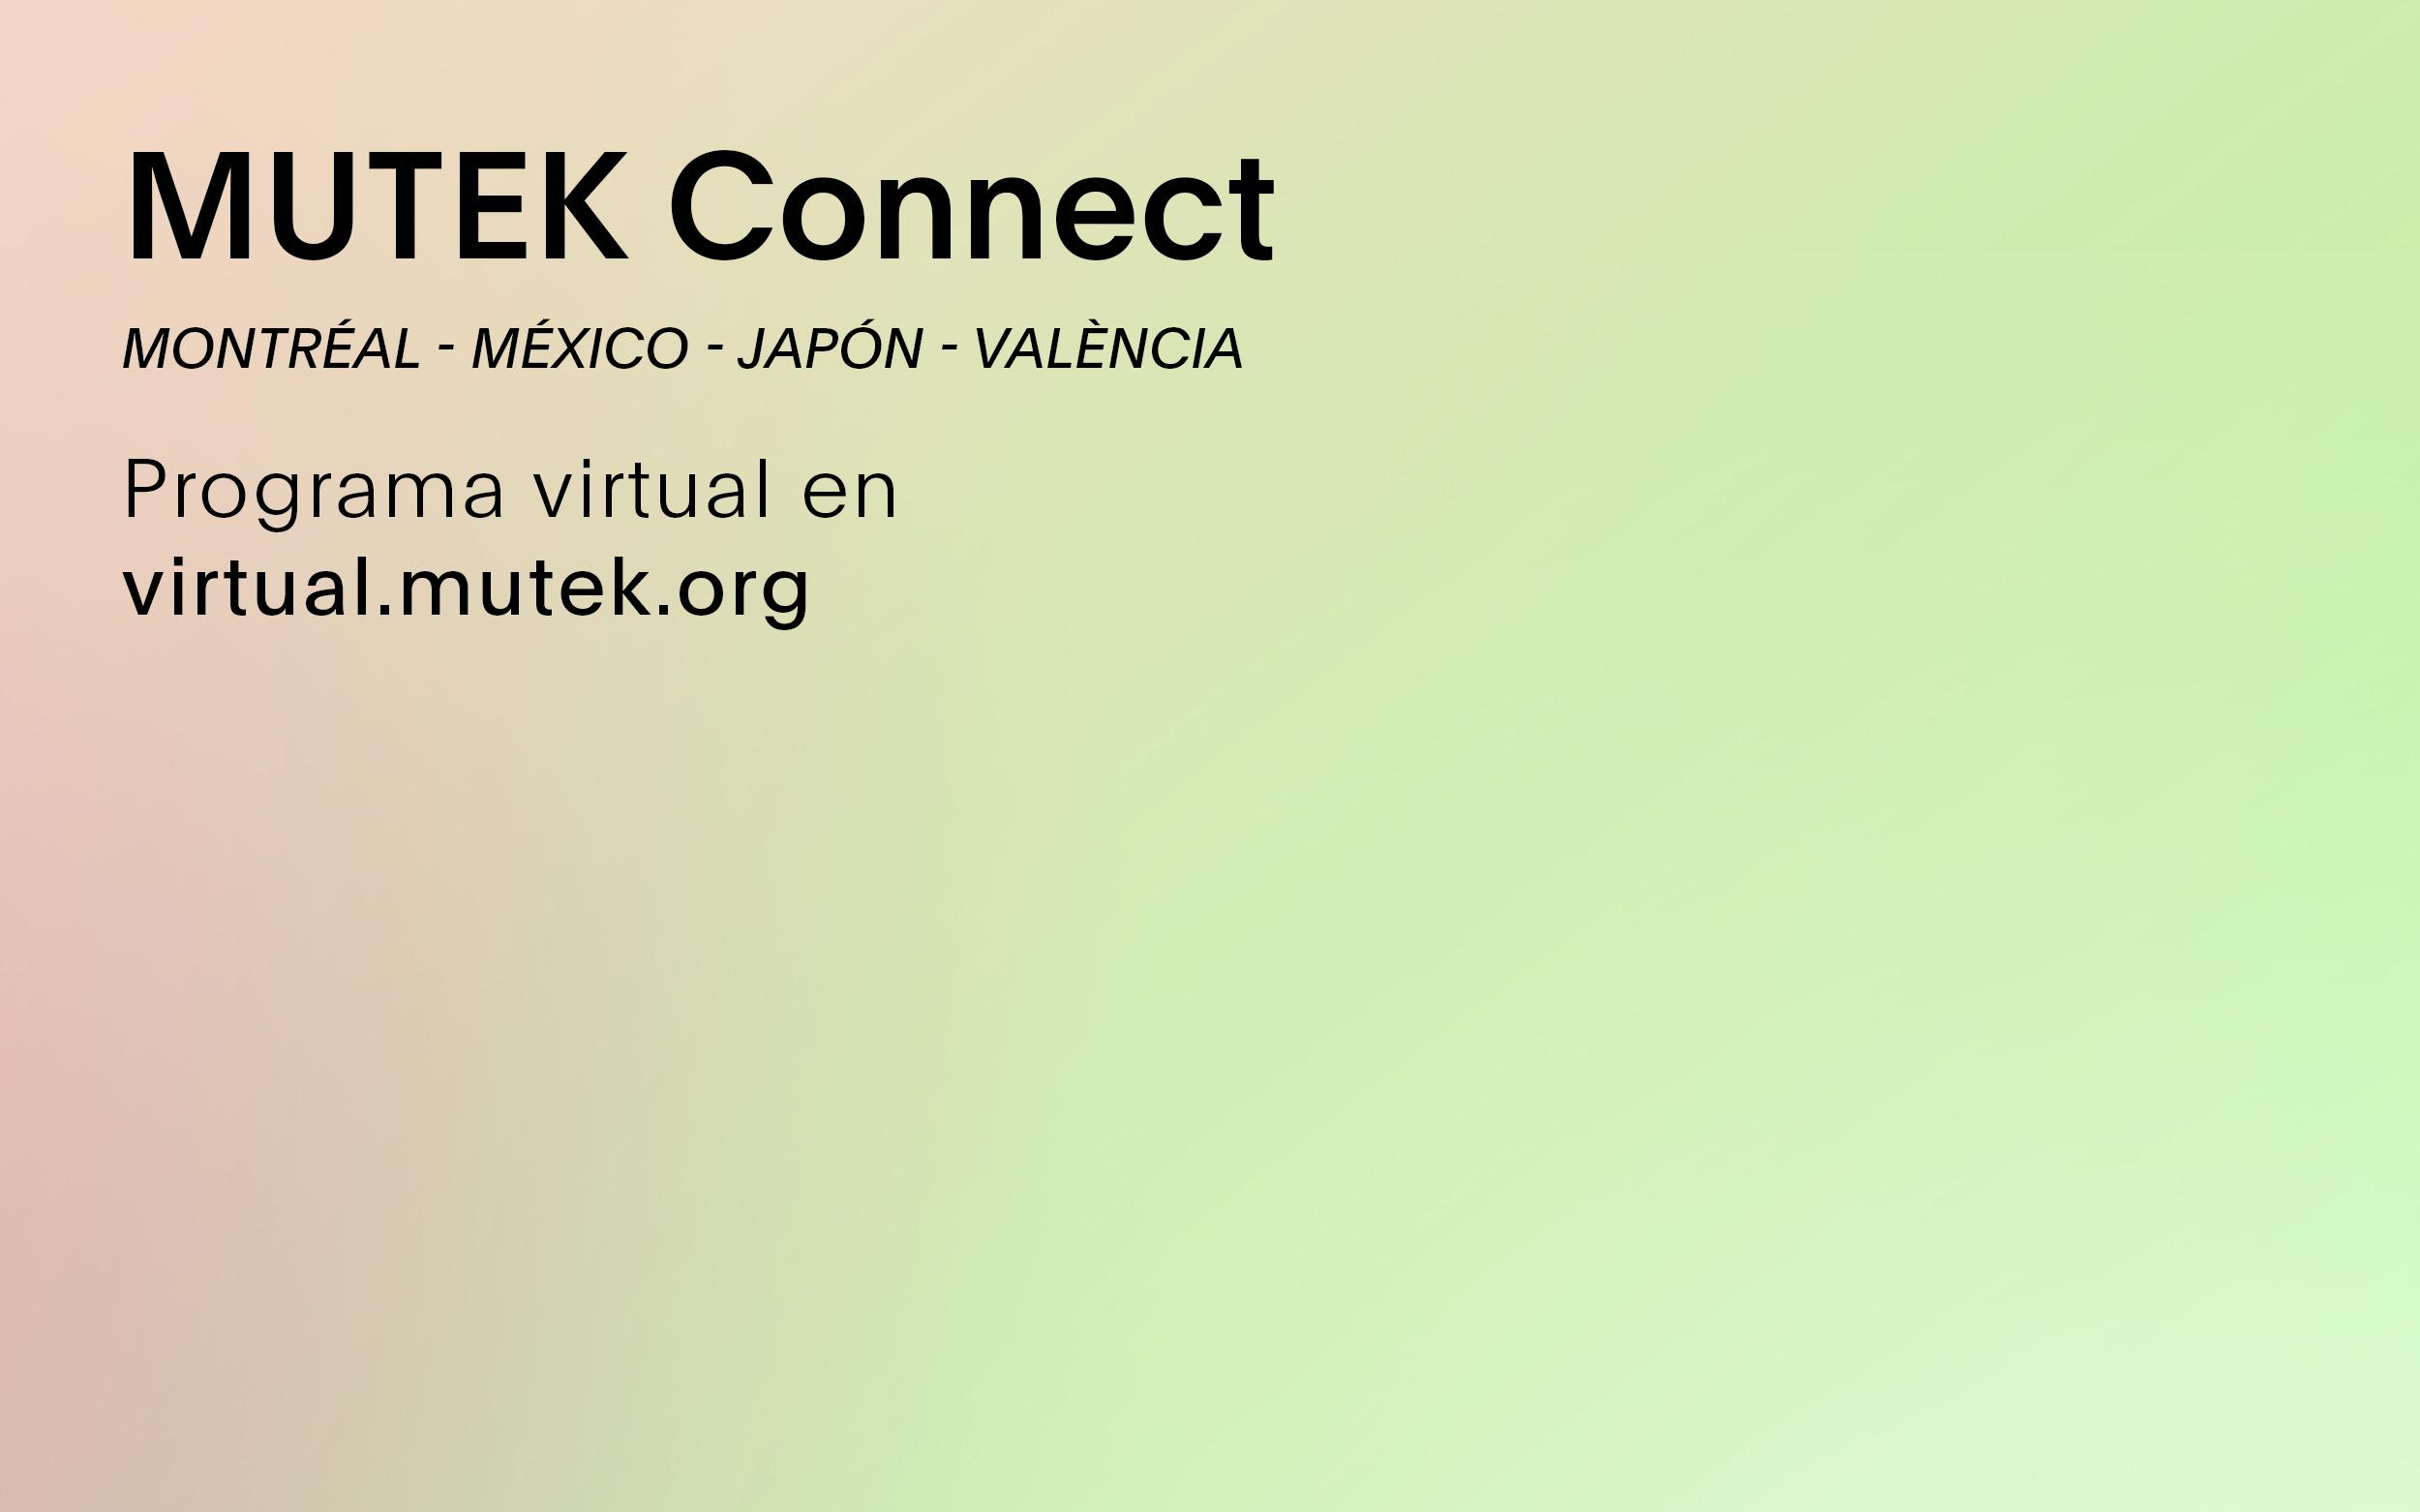 MUTEK Connect tiende puentes con Montreal, México DF, Tokyo y Valencia